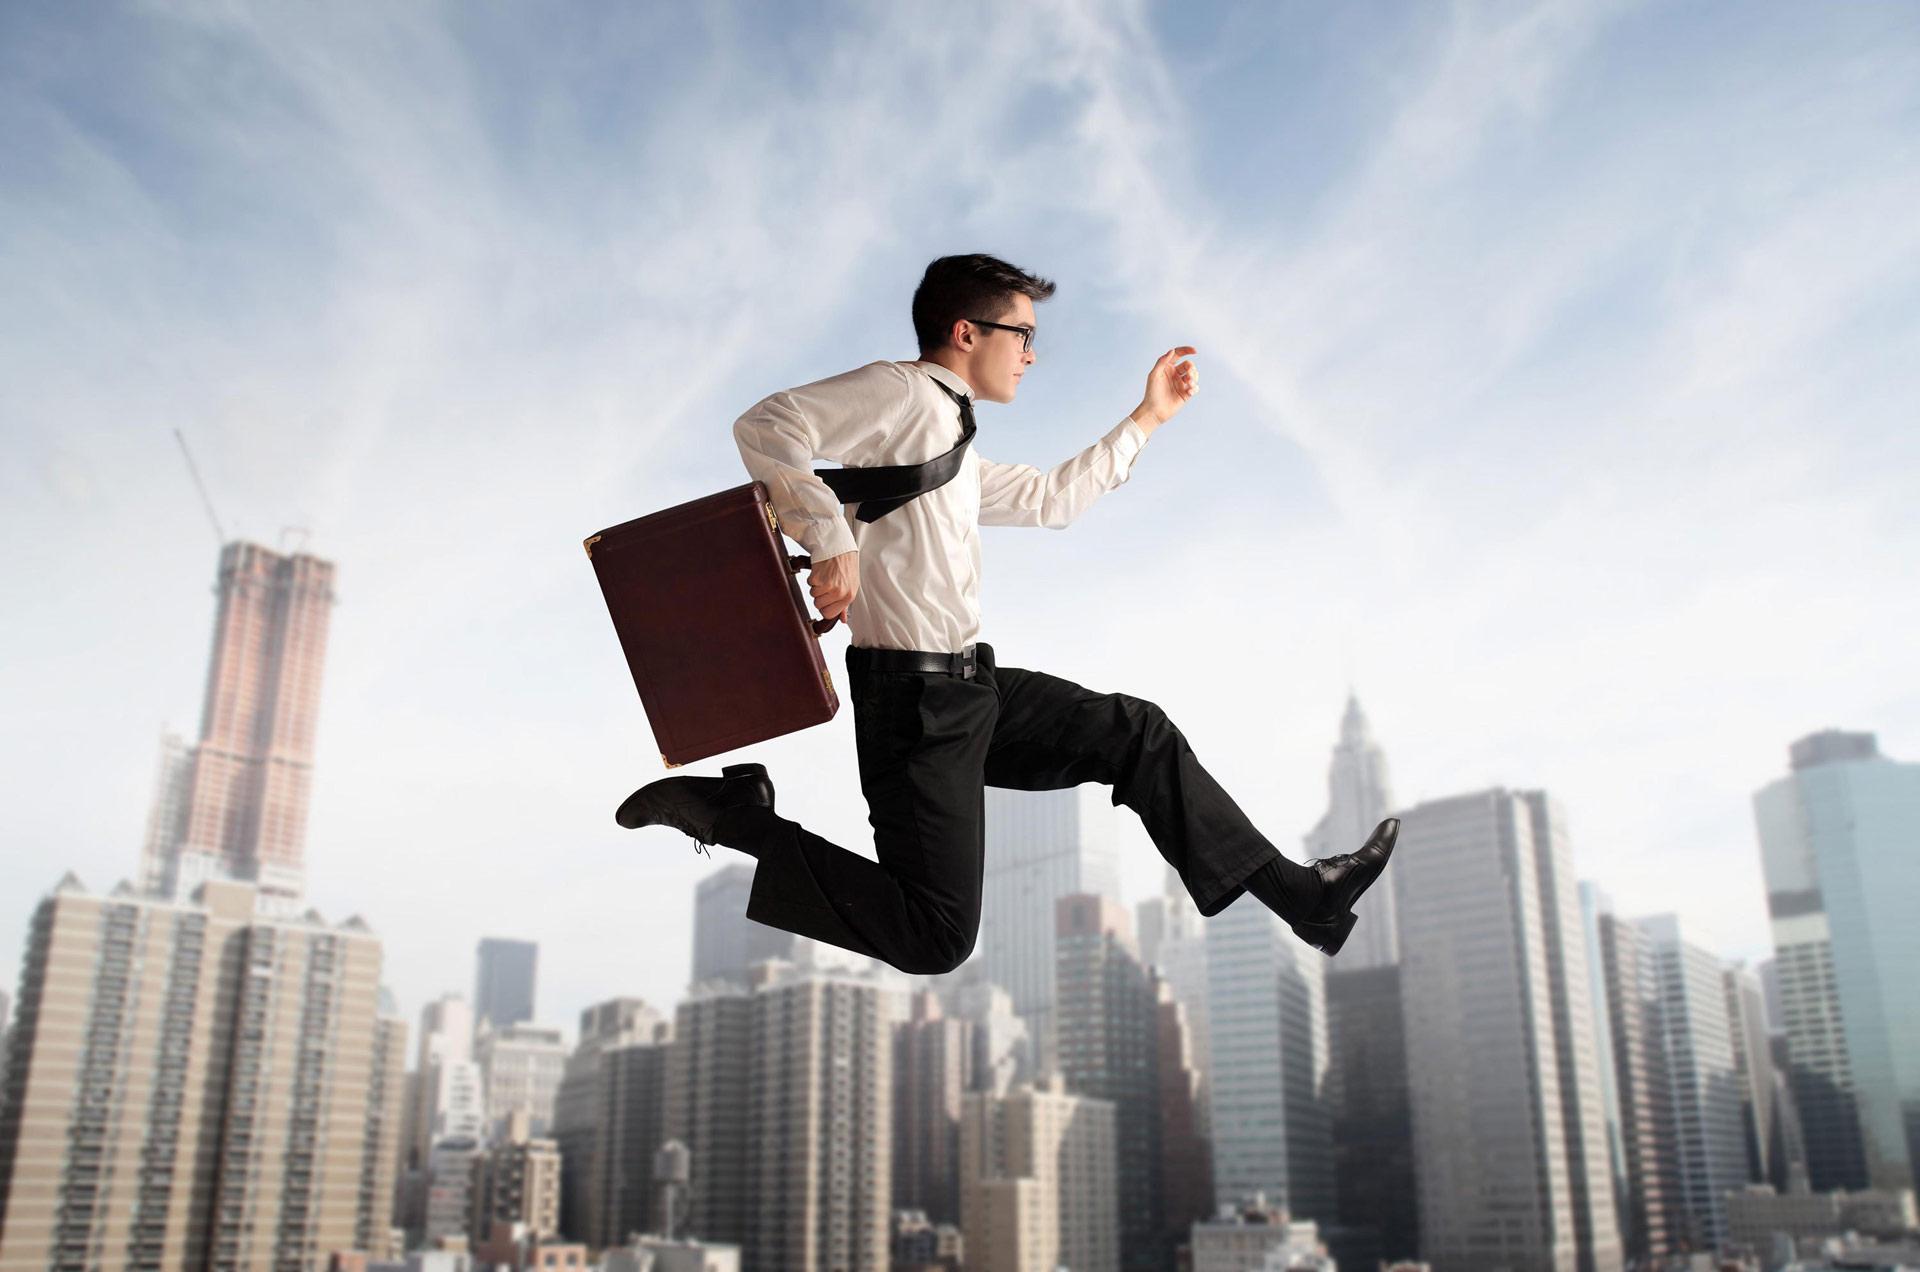 соответствовать смешные картинки на тему бизнеса новое